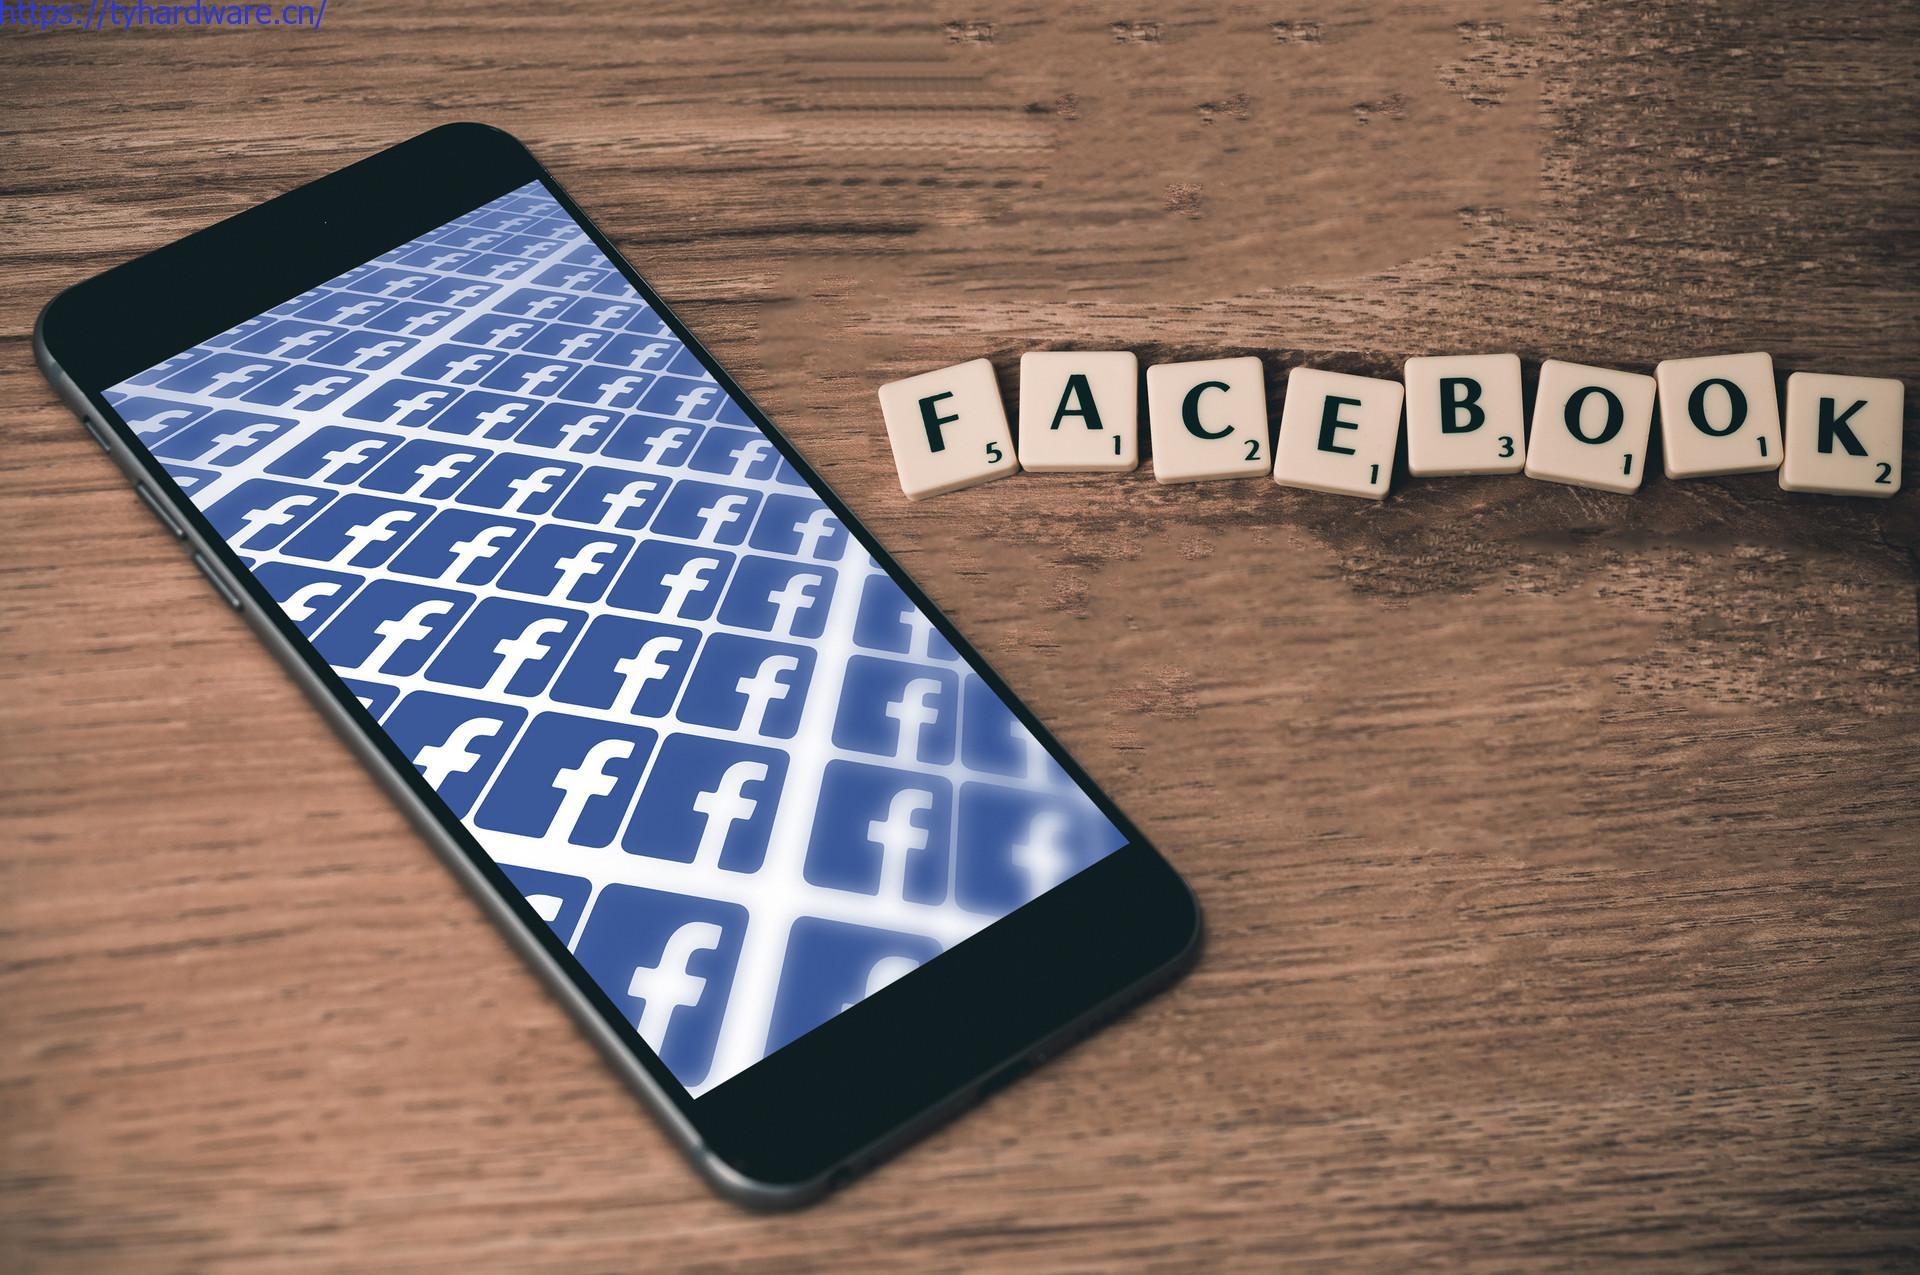 Facebook近期的违规热点-仿牌跨境基地